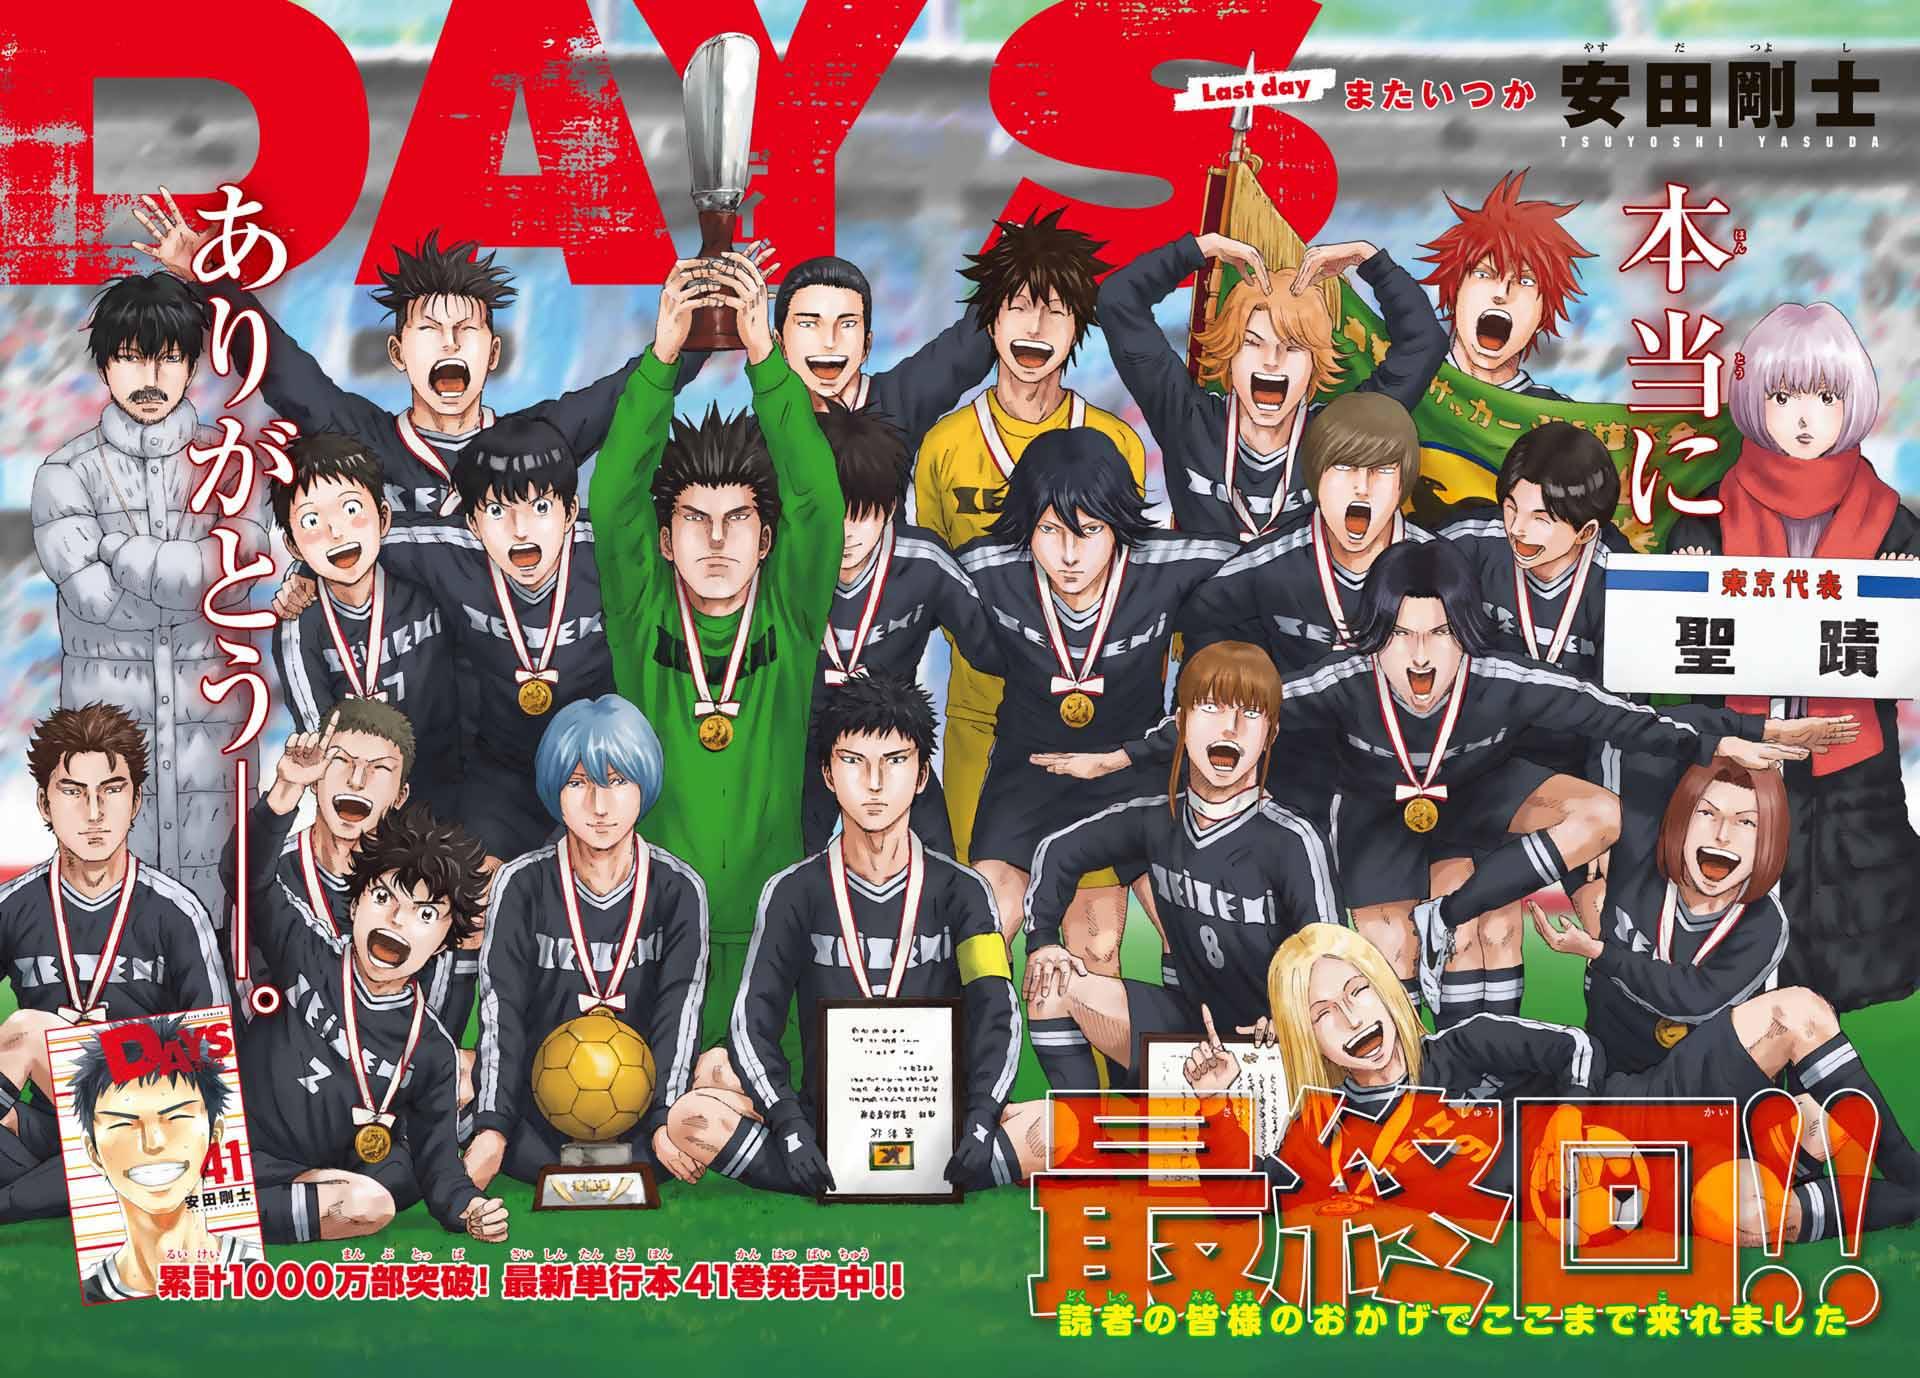 サッカー漫画「DAYS」7年9か月の連載に幕 感謝を込めたプレゼント企画開催